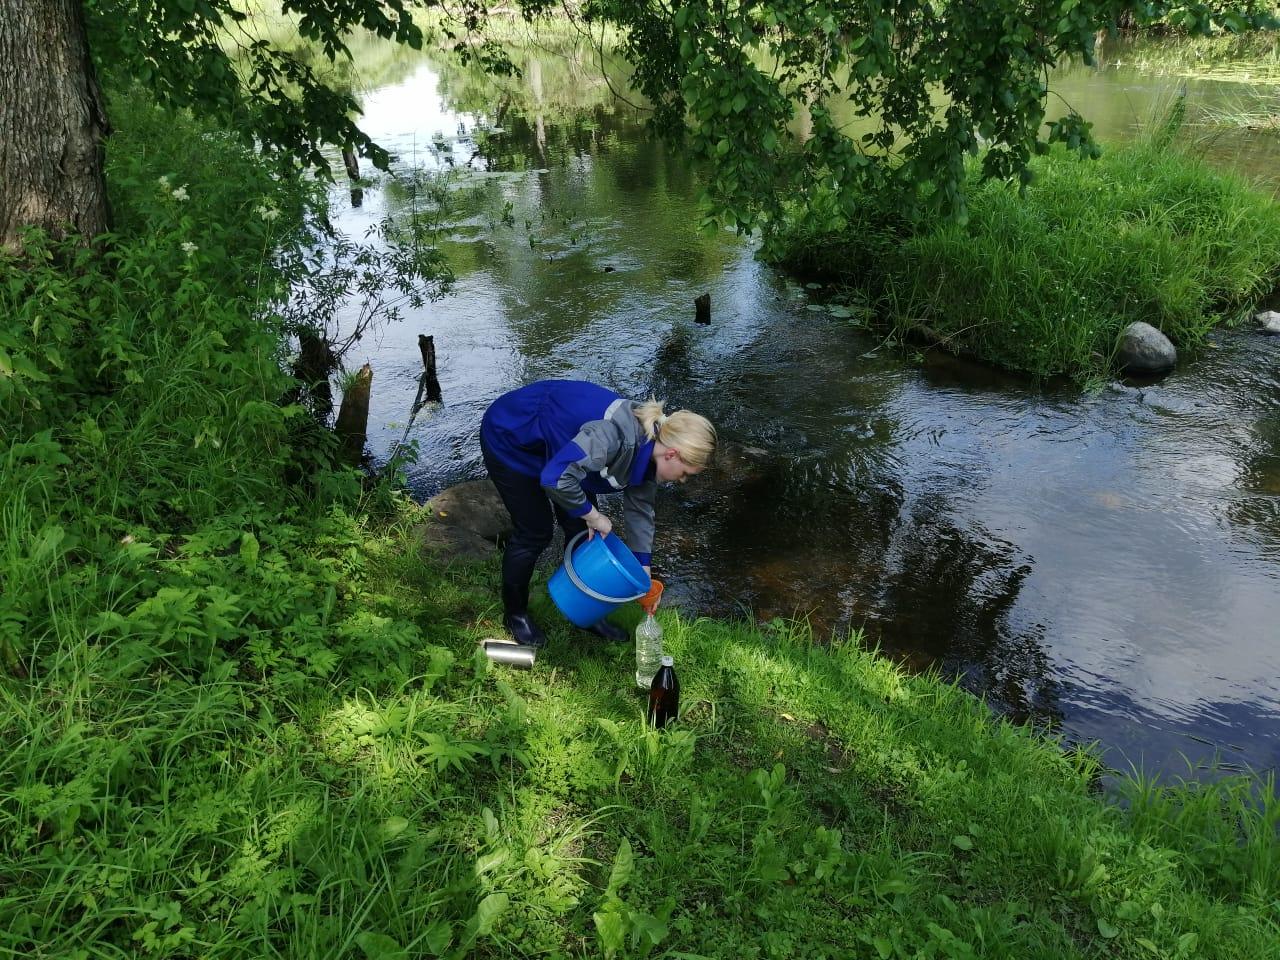 Мониторинг состояния водоемов рядом с полигоном в Угличском районе ведется на постоянной основе